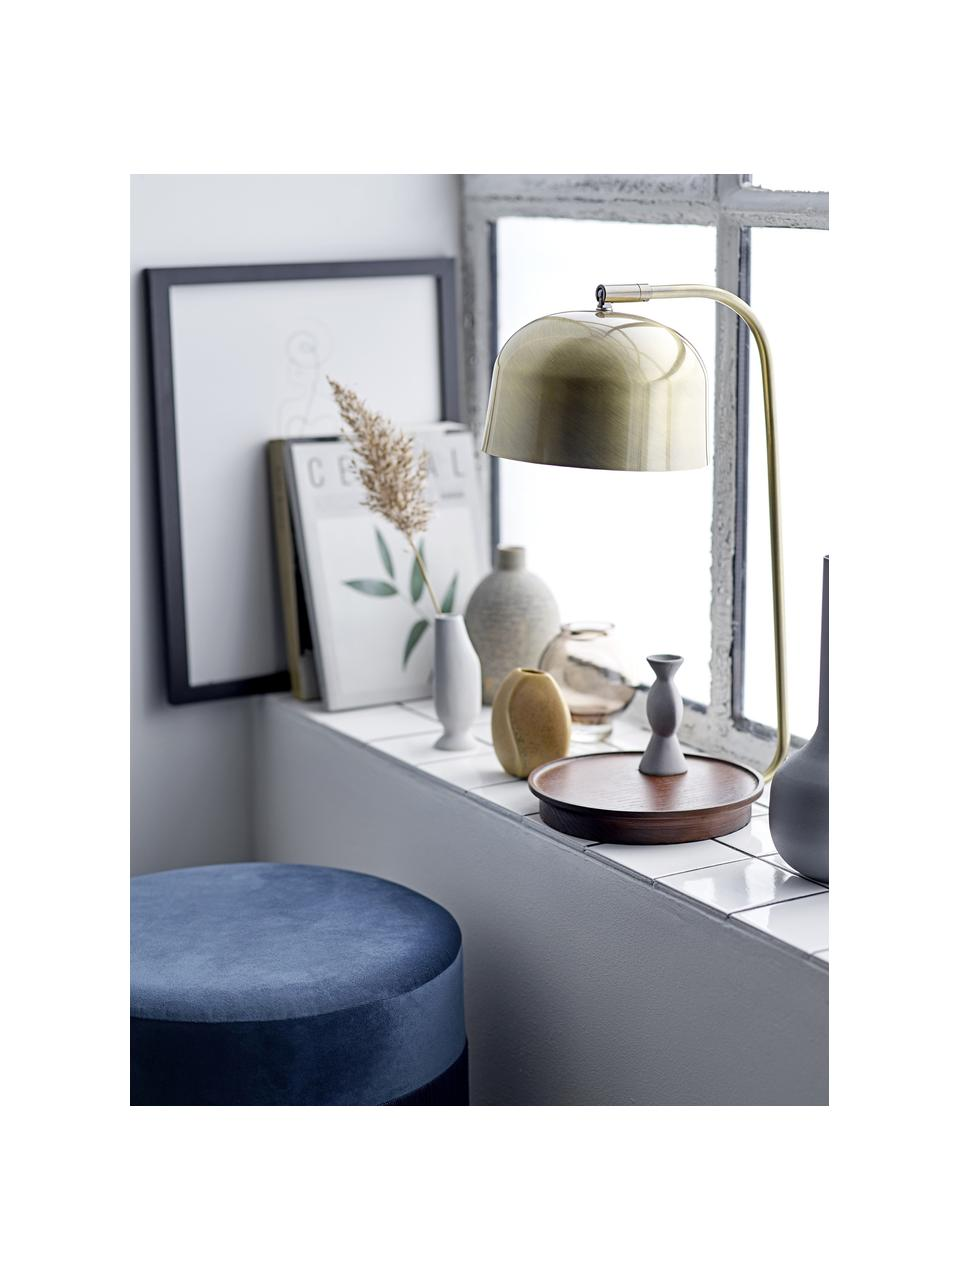 Set 3 vasi di design fatti a mano Lubava, Gres, Giallo, grigio chiaro, grigio, Set in varie misure